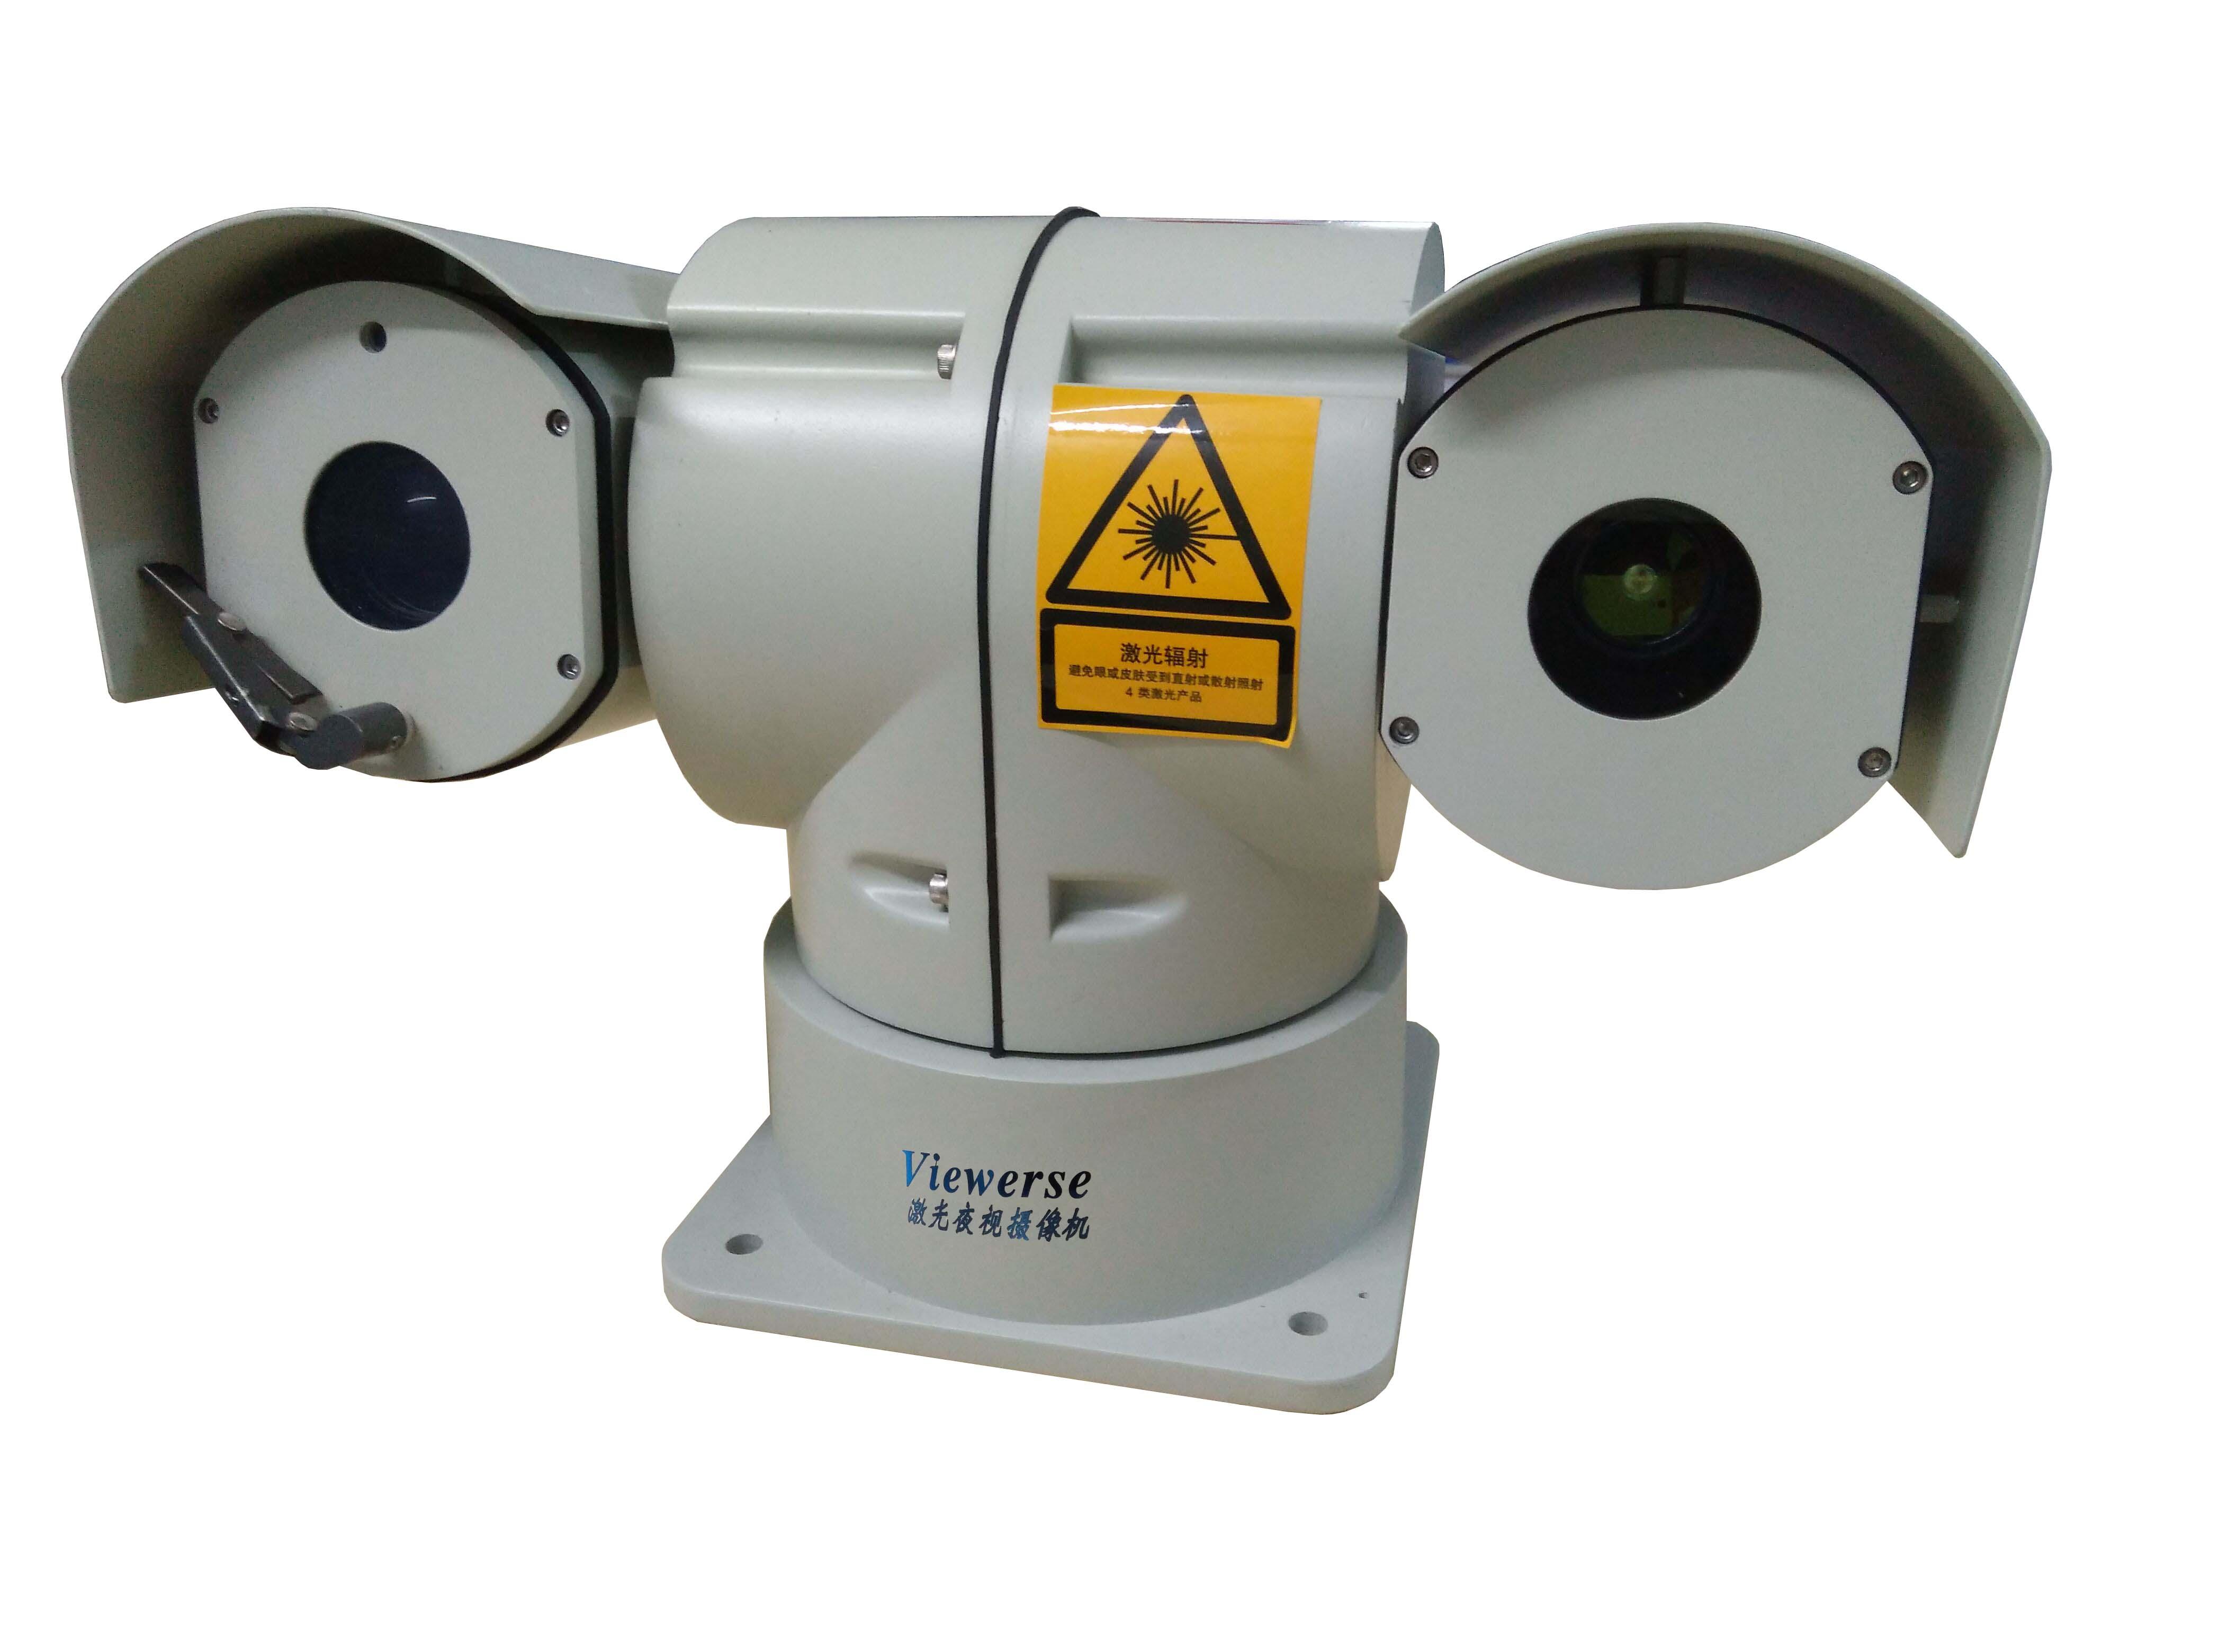 Viewerse 激光一体化智能高速云台摄像机VES-5BB11